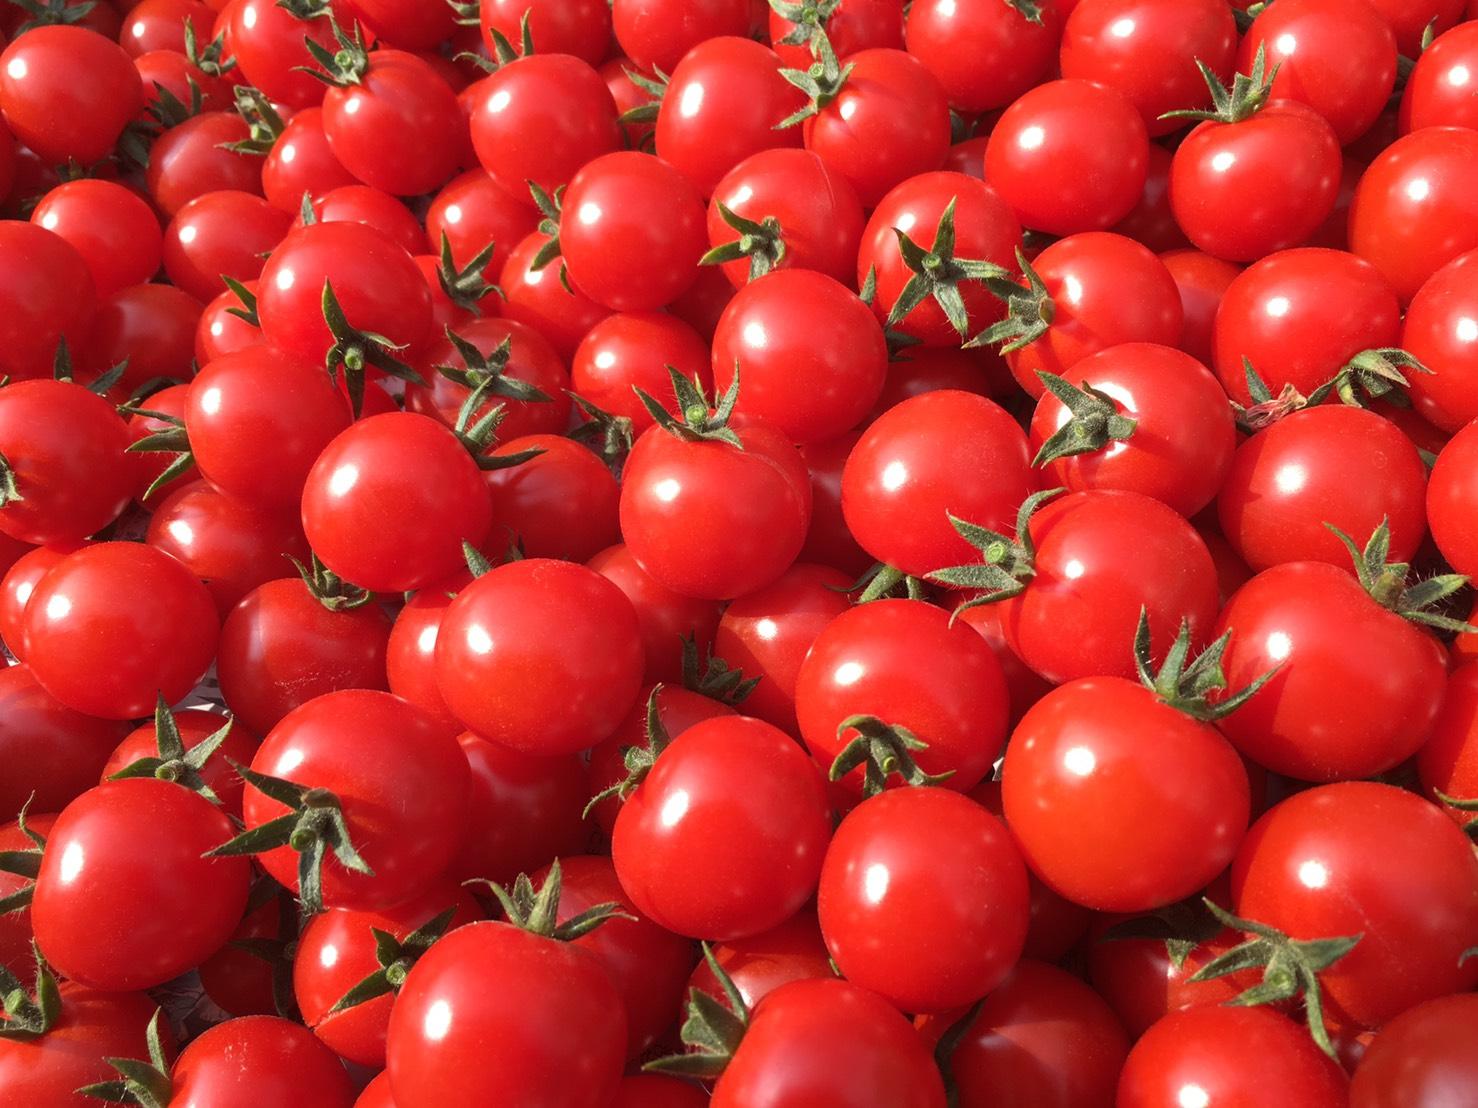 真っ赤に熟れたミニトマト